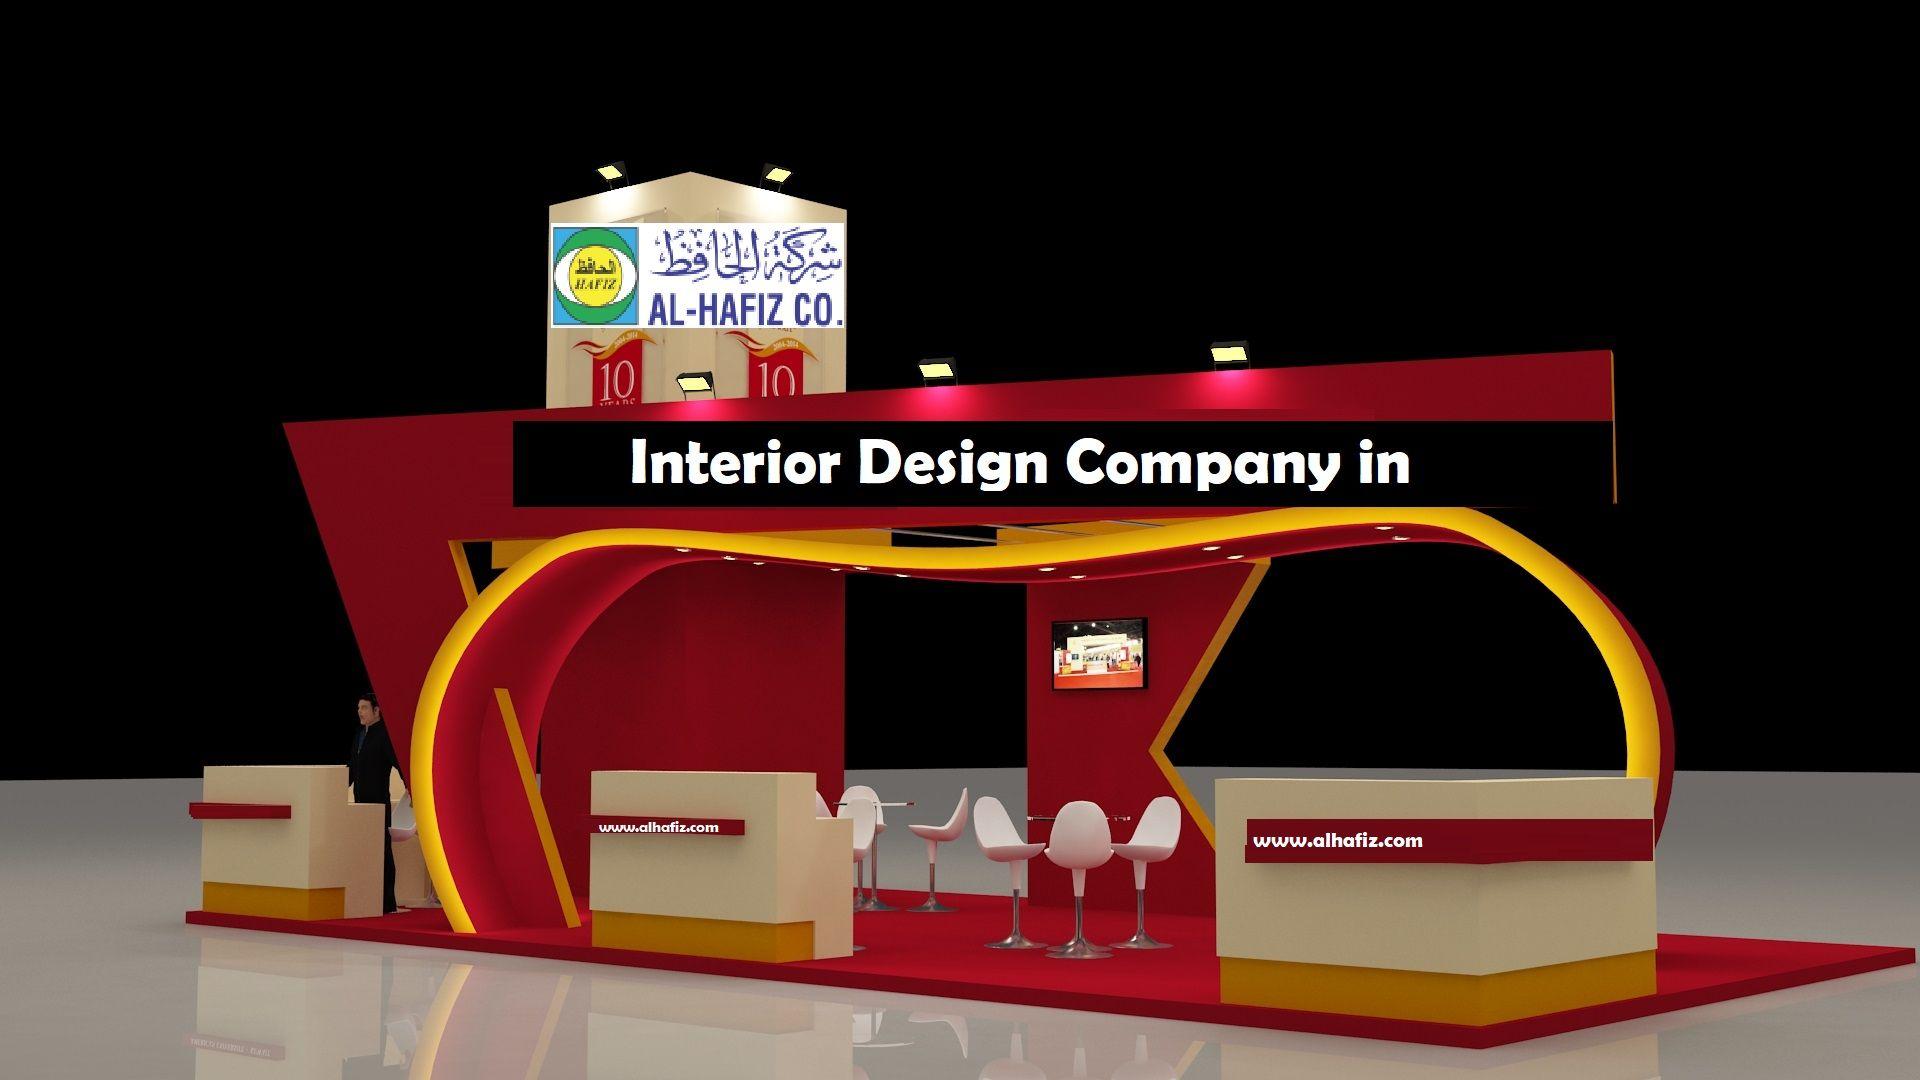 Meet with Kuwait Best Interior Design Company - Get Interior Design